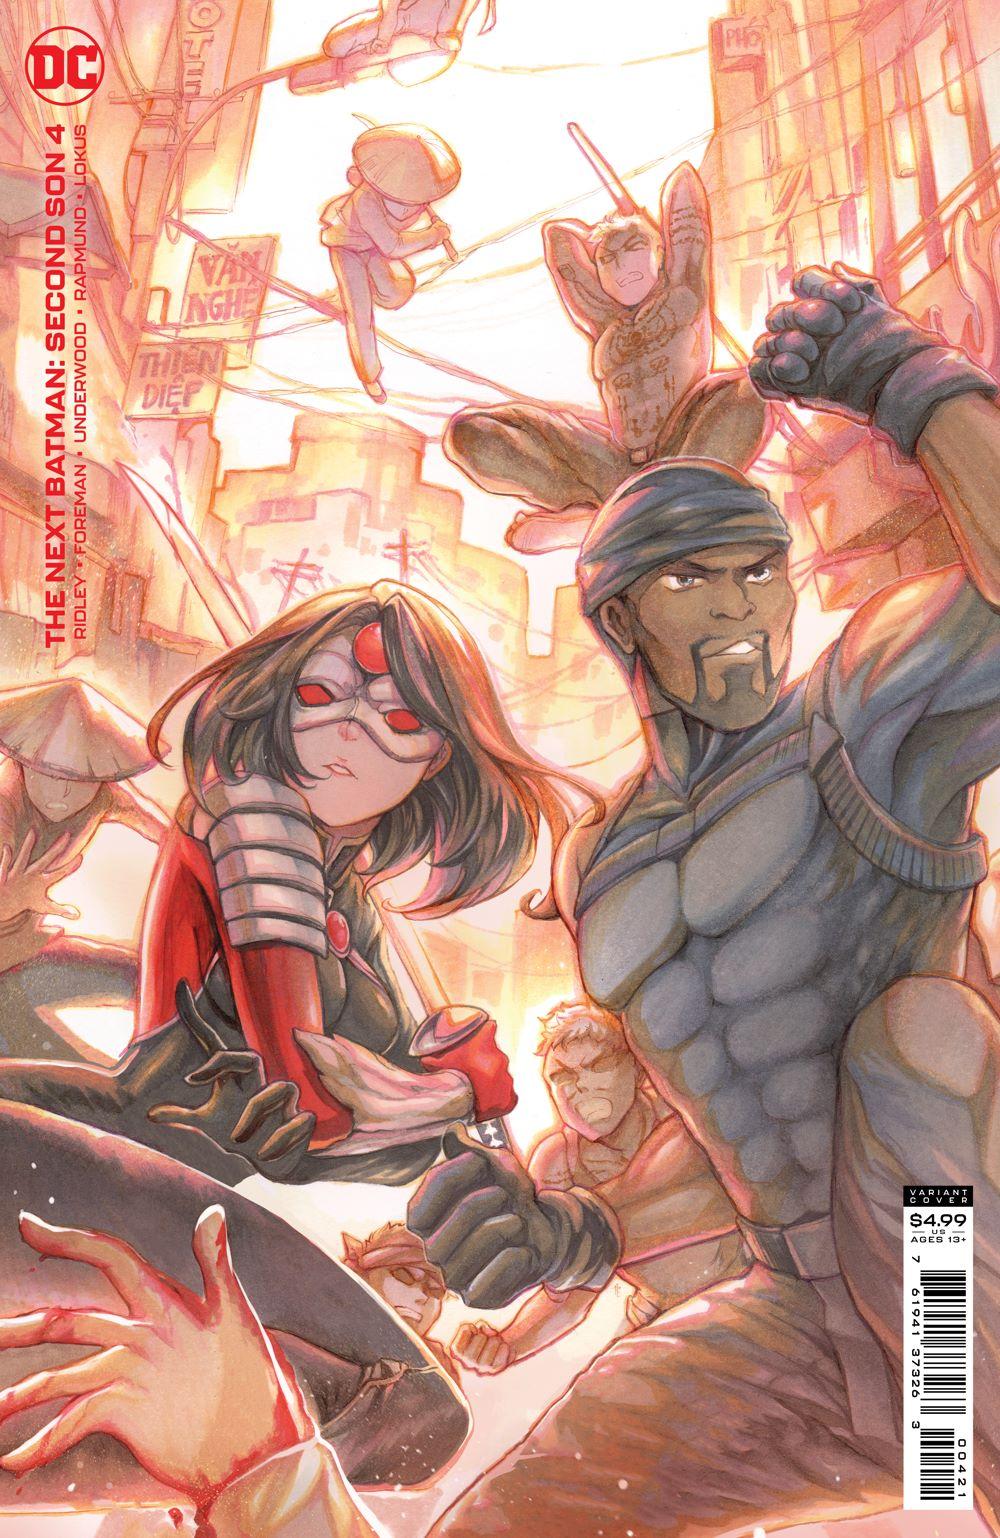 TNBSS_Cv4_var DC Comics July 2021 Solicitations